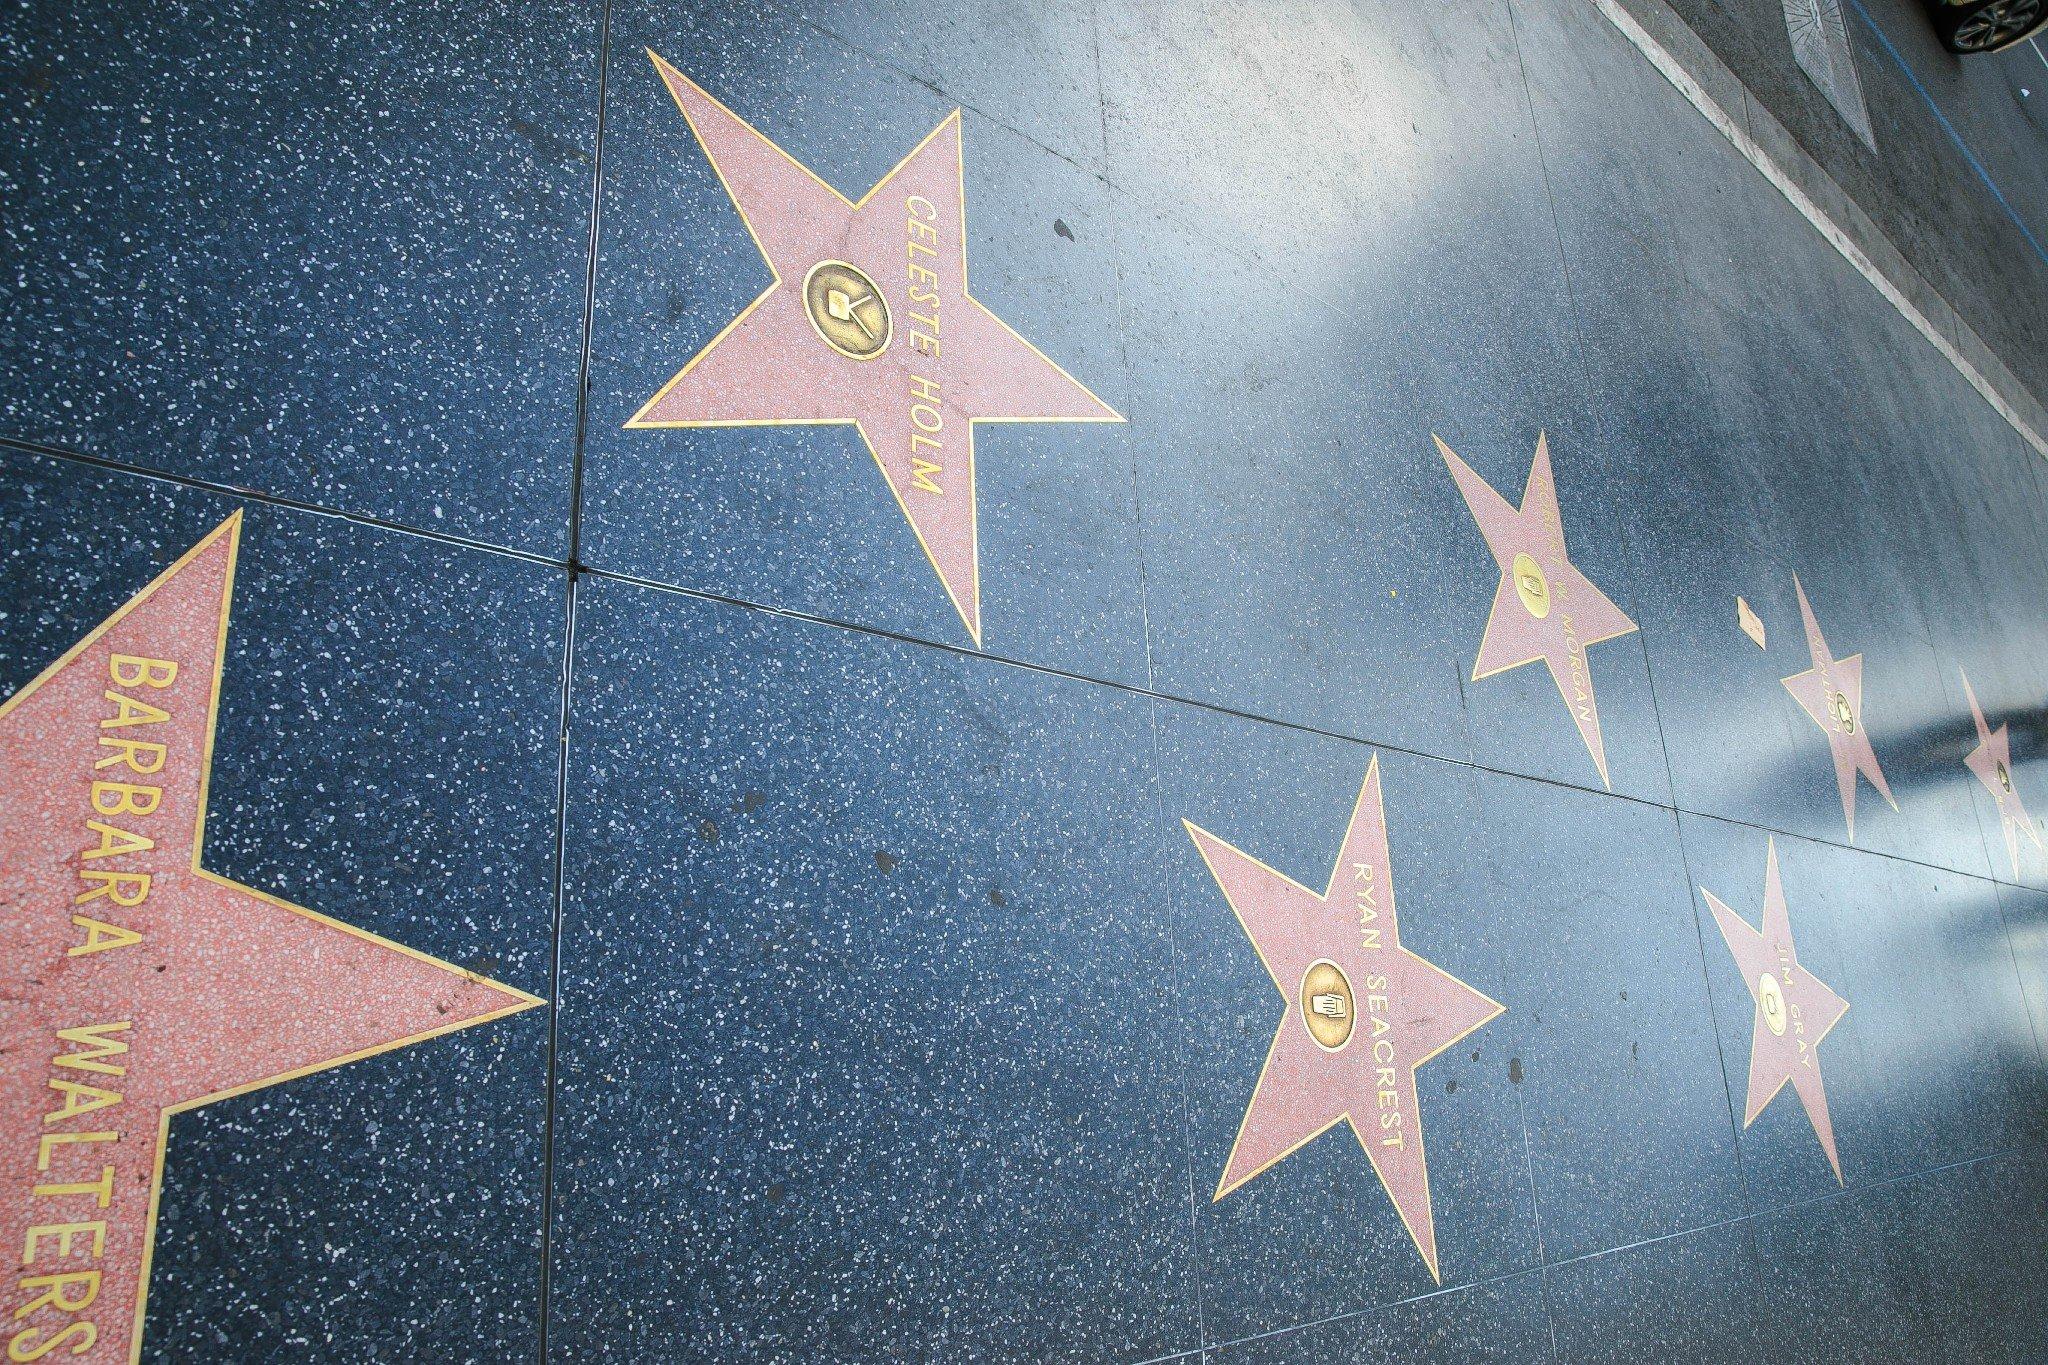 好莱坞星光大道